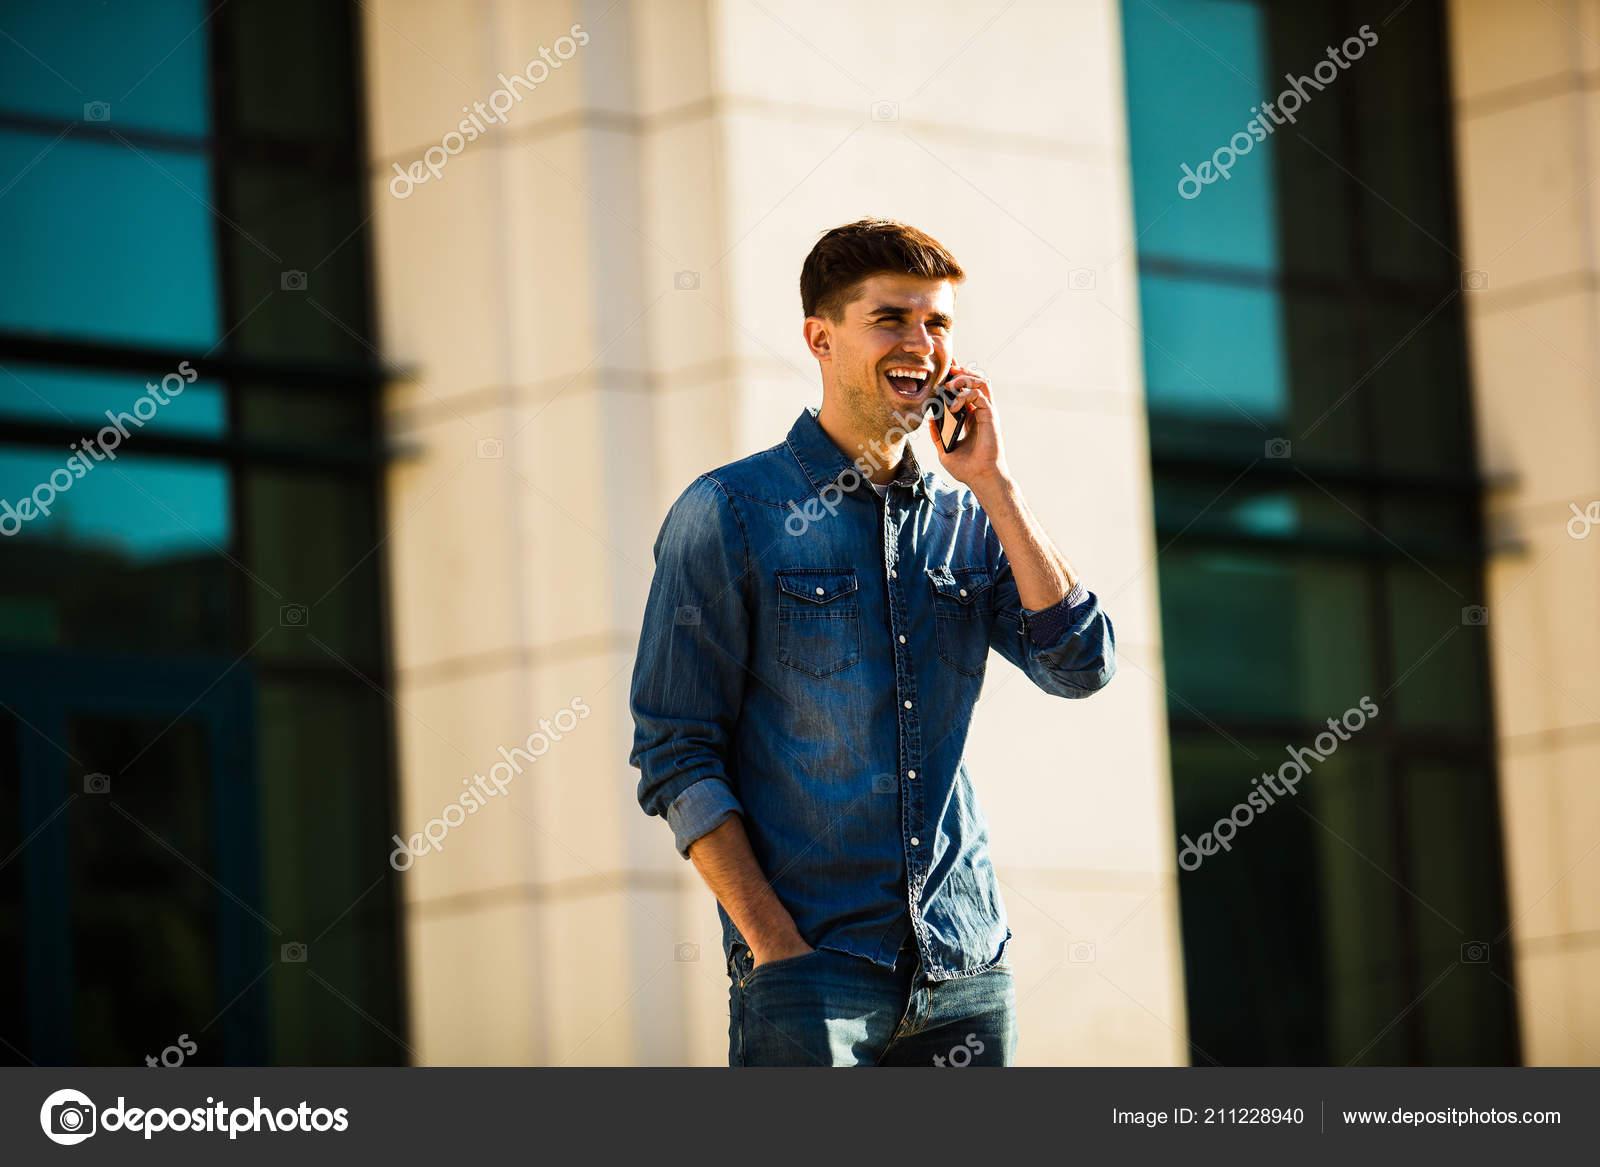 78dbda2629 Moda Strada Uomo Alla Moda Vestito Jeans Mandare Sms Qualcuno — Foto ...